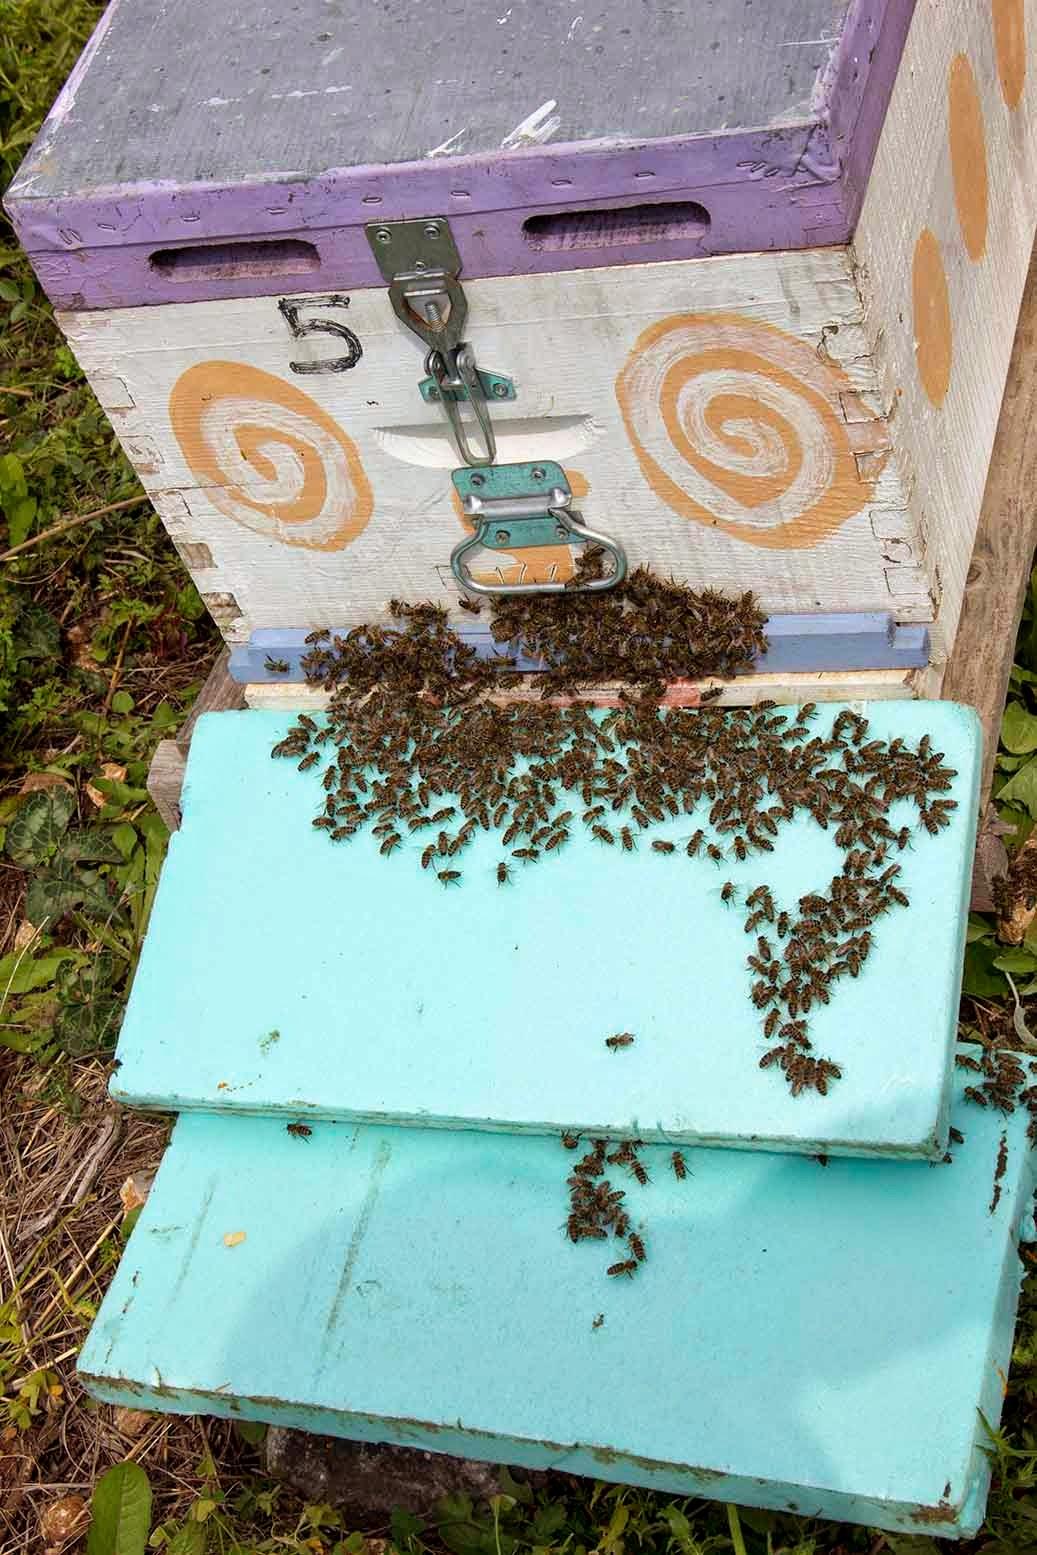 Ενίσχυση αδύναμου μελισσιού με παραμάνες εργάτριες...